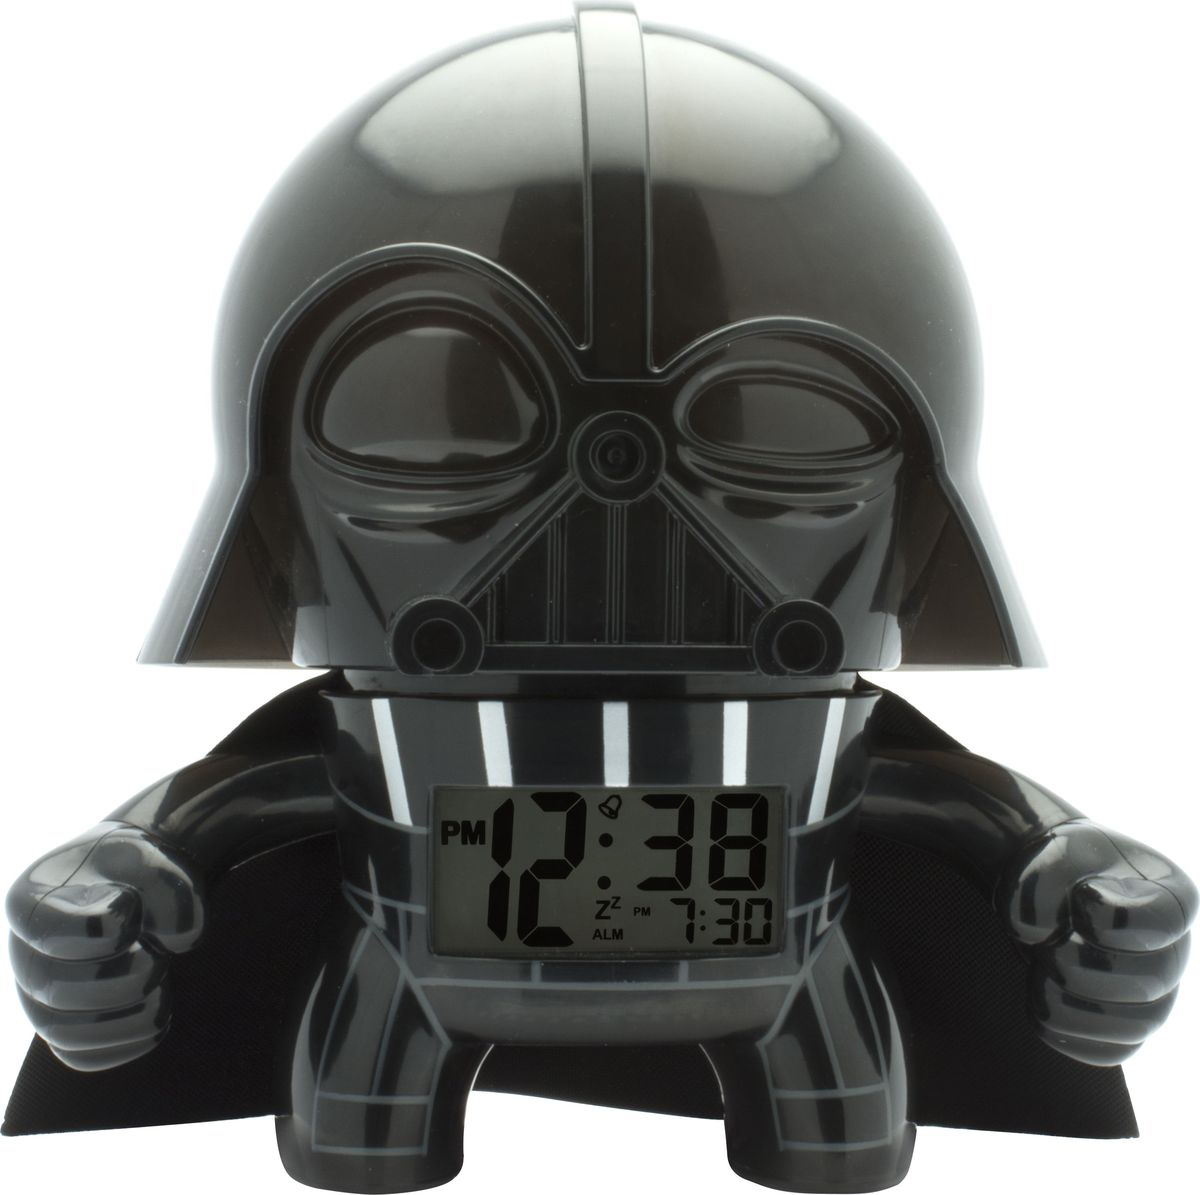 """BulbBotz (дословно """"лампа бот"""") - будильник в виде минифигуры любимого героя Звёздных Войн, по форме напоминающий лампу накаливания, оснащен цифровым дисплеем с подсветкой и функцией отсрочки звукового сигнала. Для того, чтобы включить/выключить будильник, нужно нажать на голову минифигуры, которая также подсвечивается! В комплект входят 2 батарейки (ААА). Рекомендуемый возраст: от 6 лет. Высота минифигуры: 19 см"""